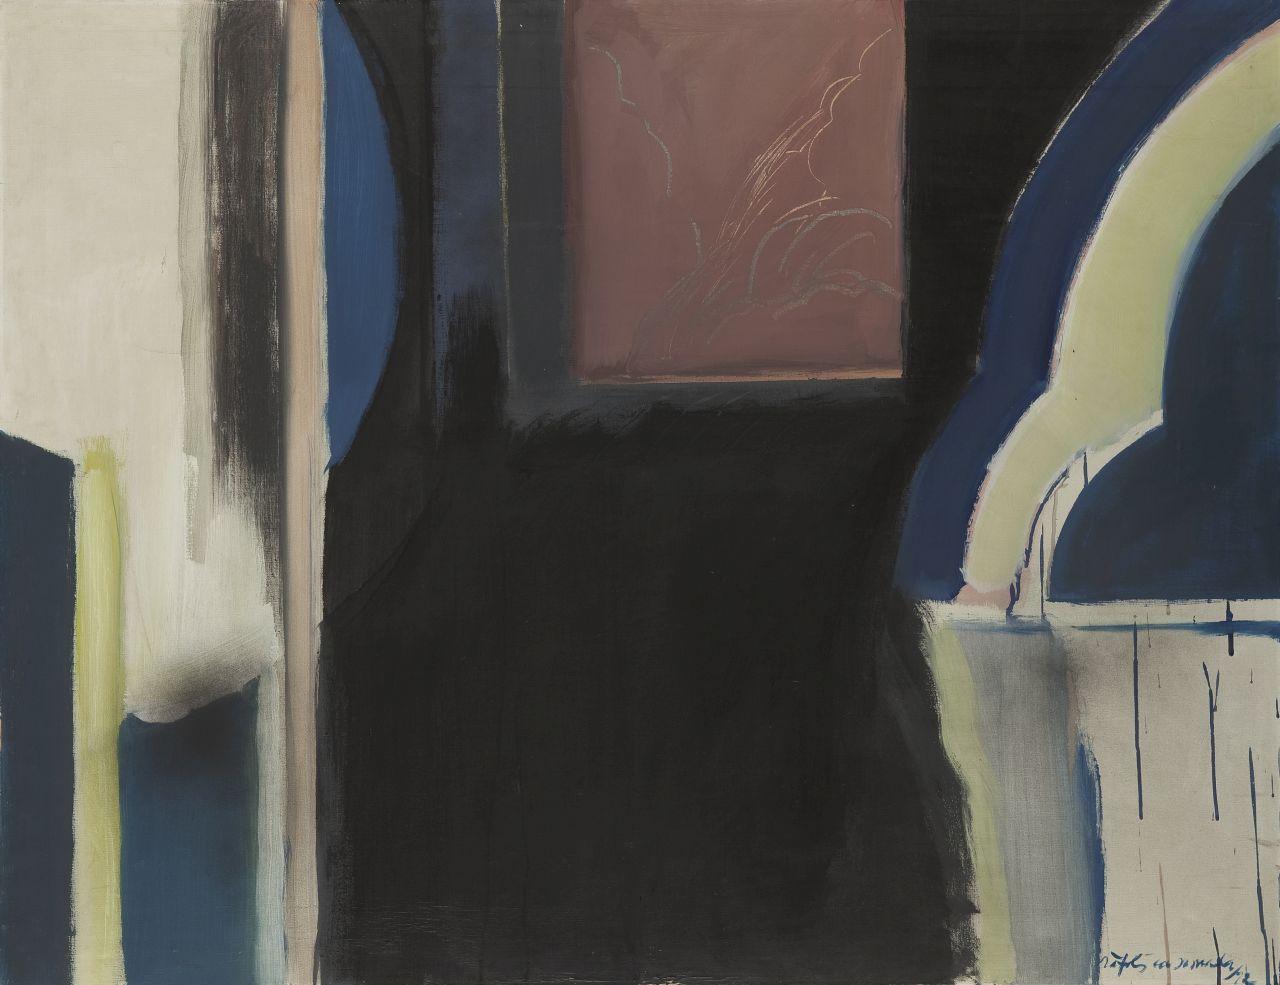 Albert Ràfols-Casamada – Finestra central, Albert Ràfols-Casamada